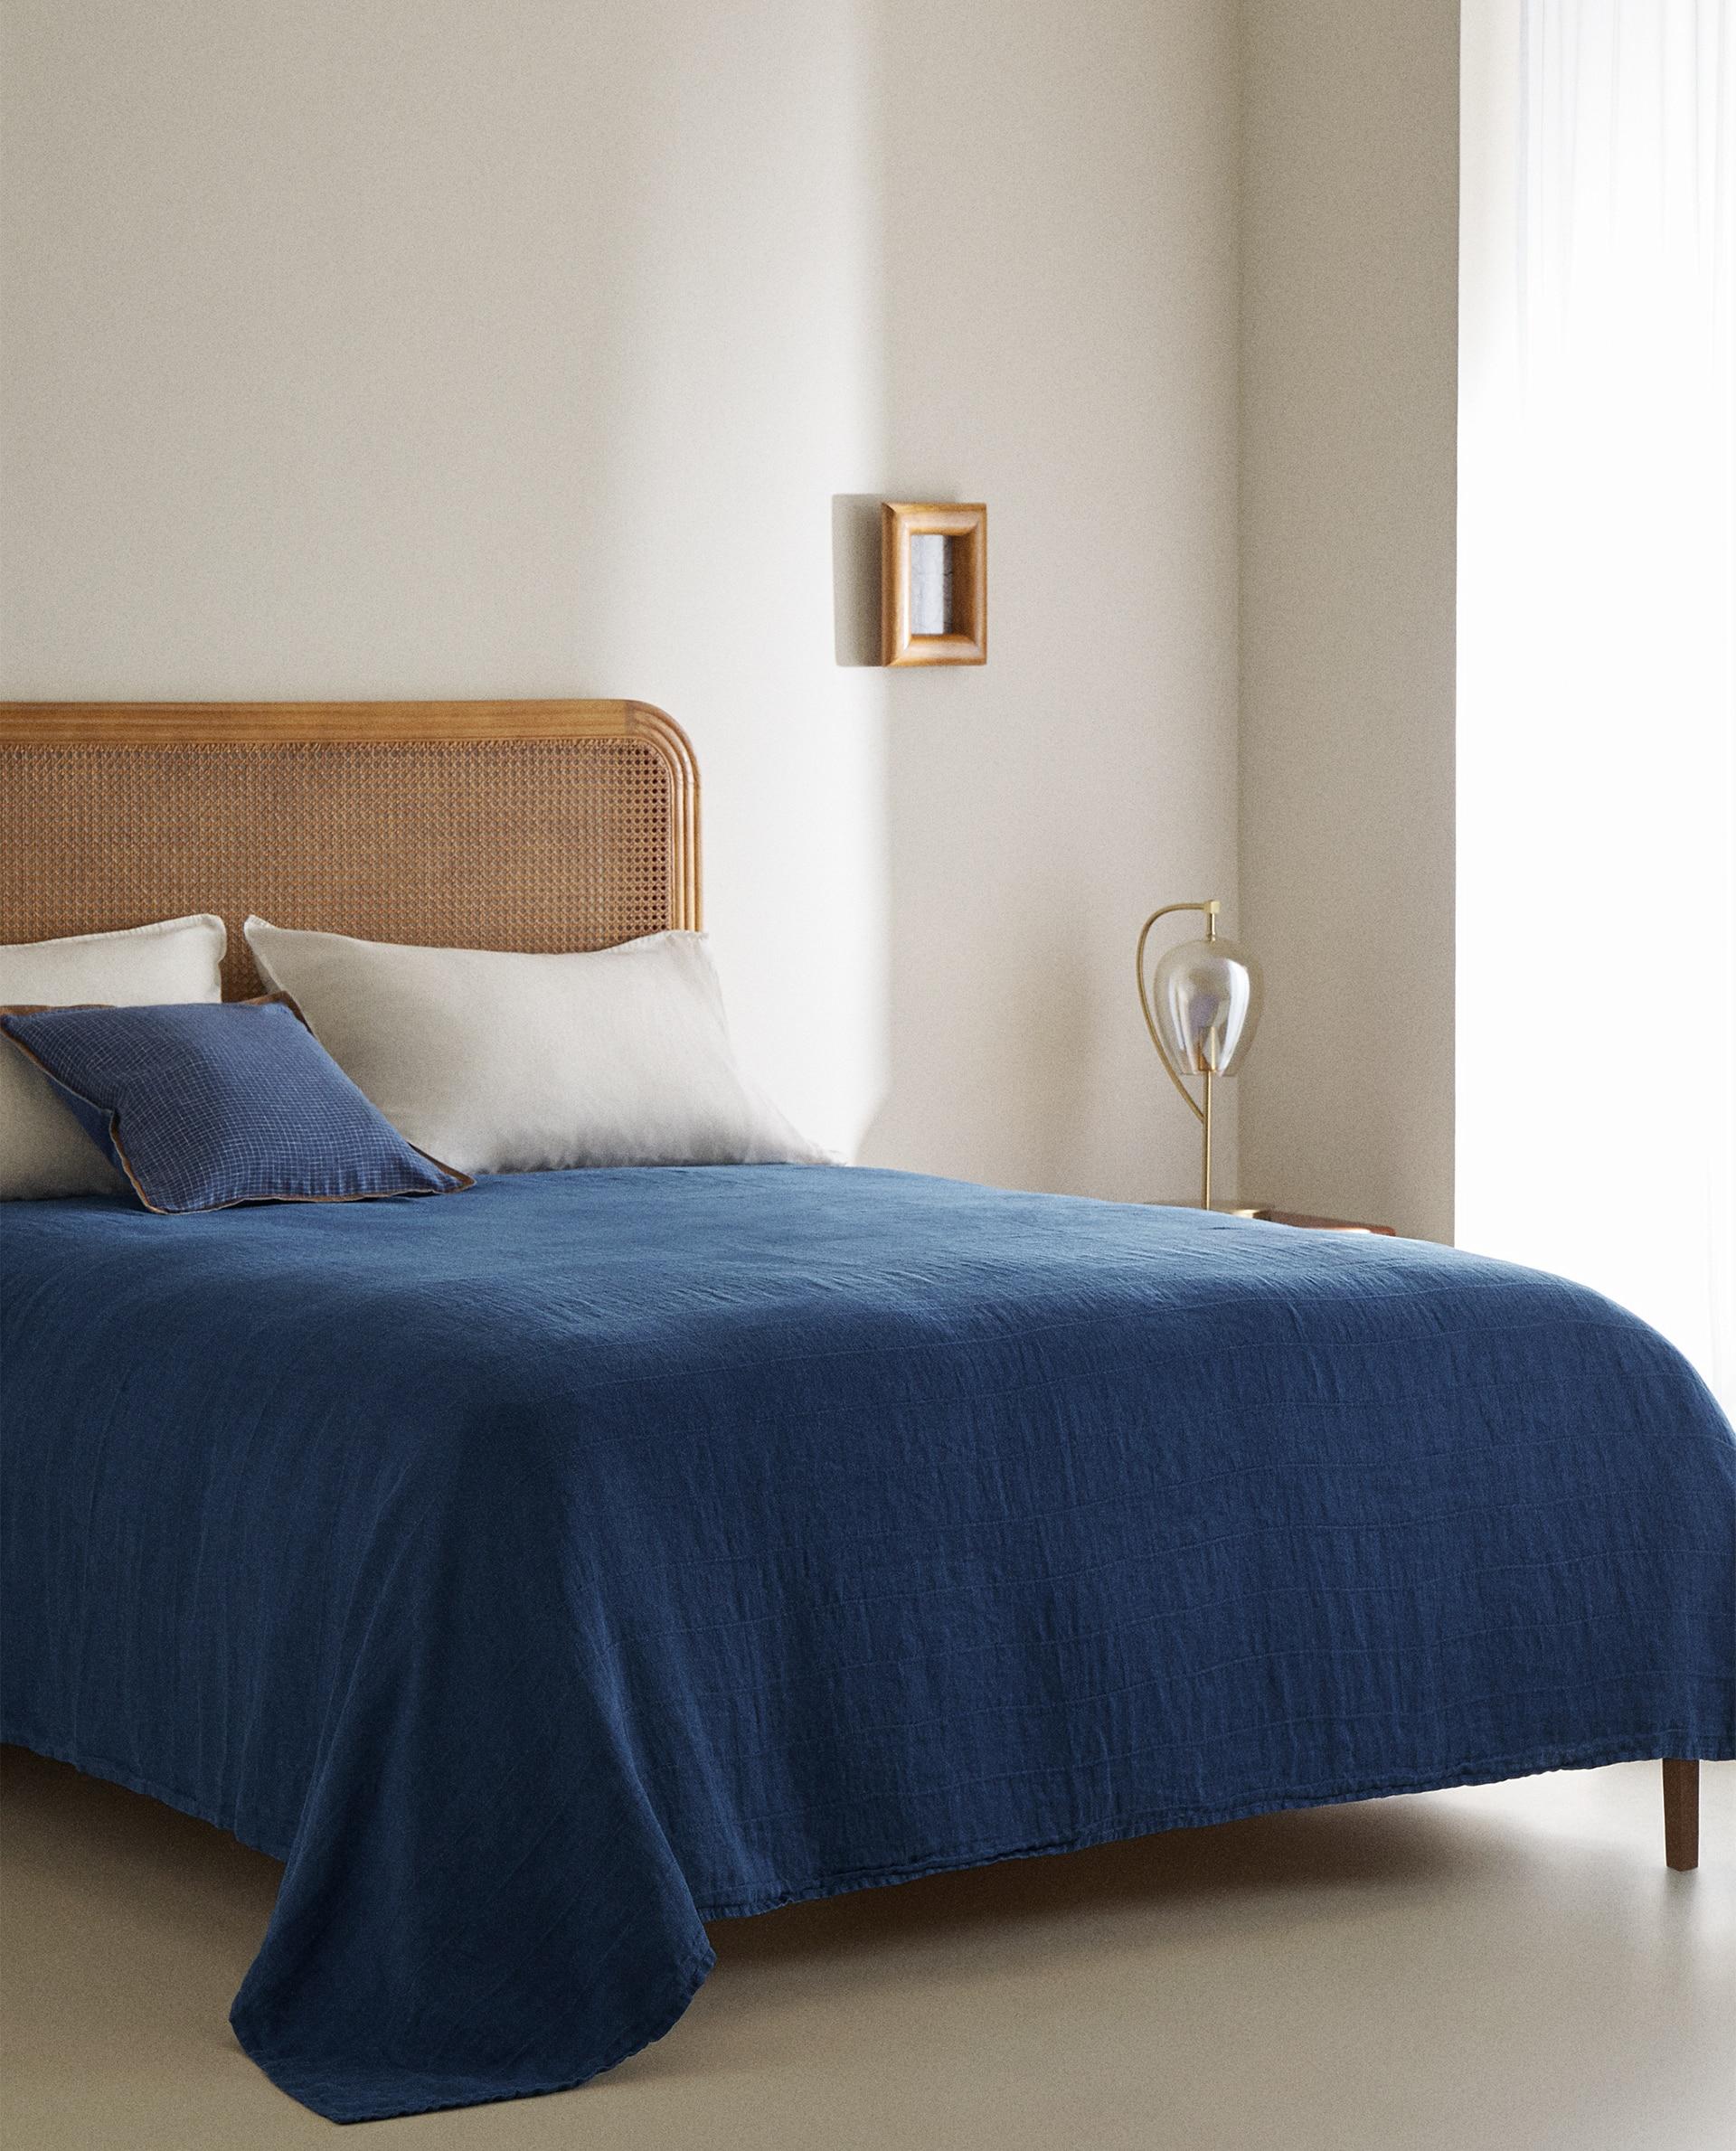 Colcha confeccionada con lino en color solido azul marino.